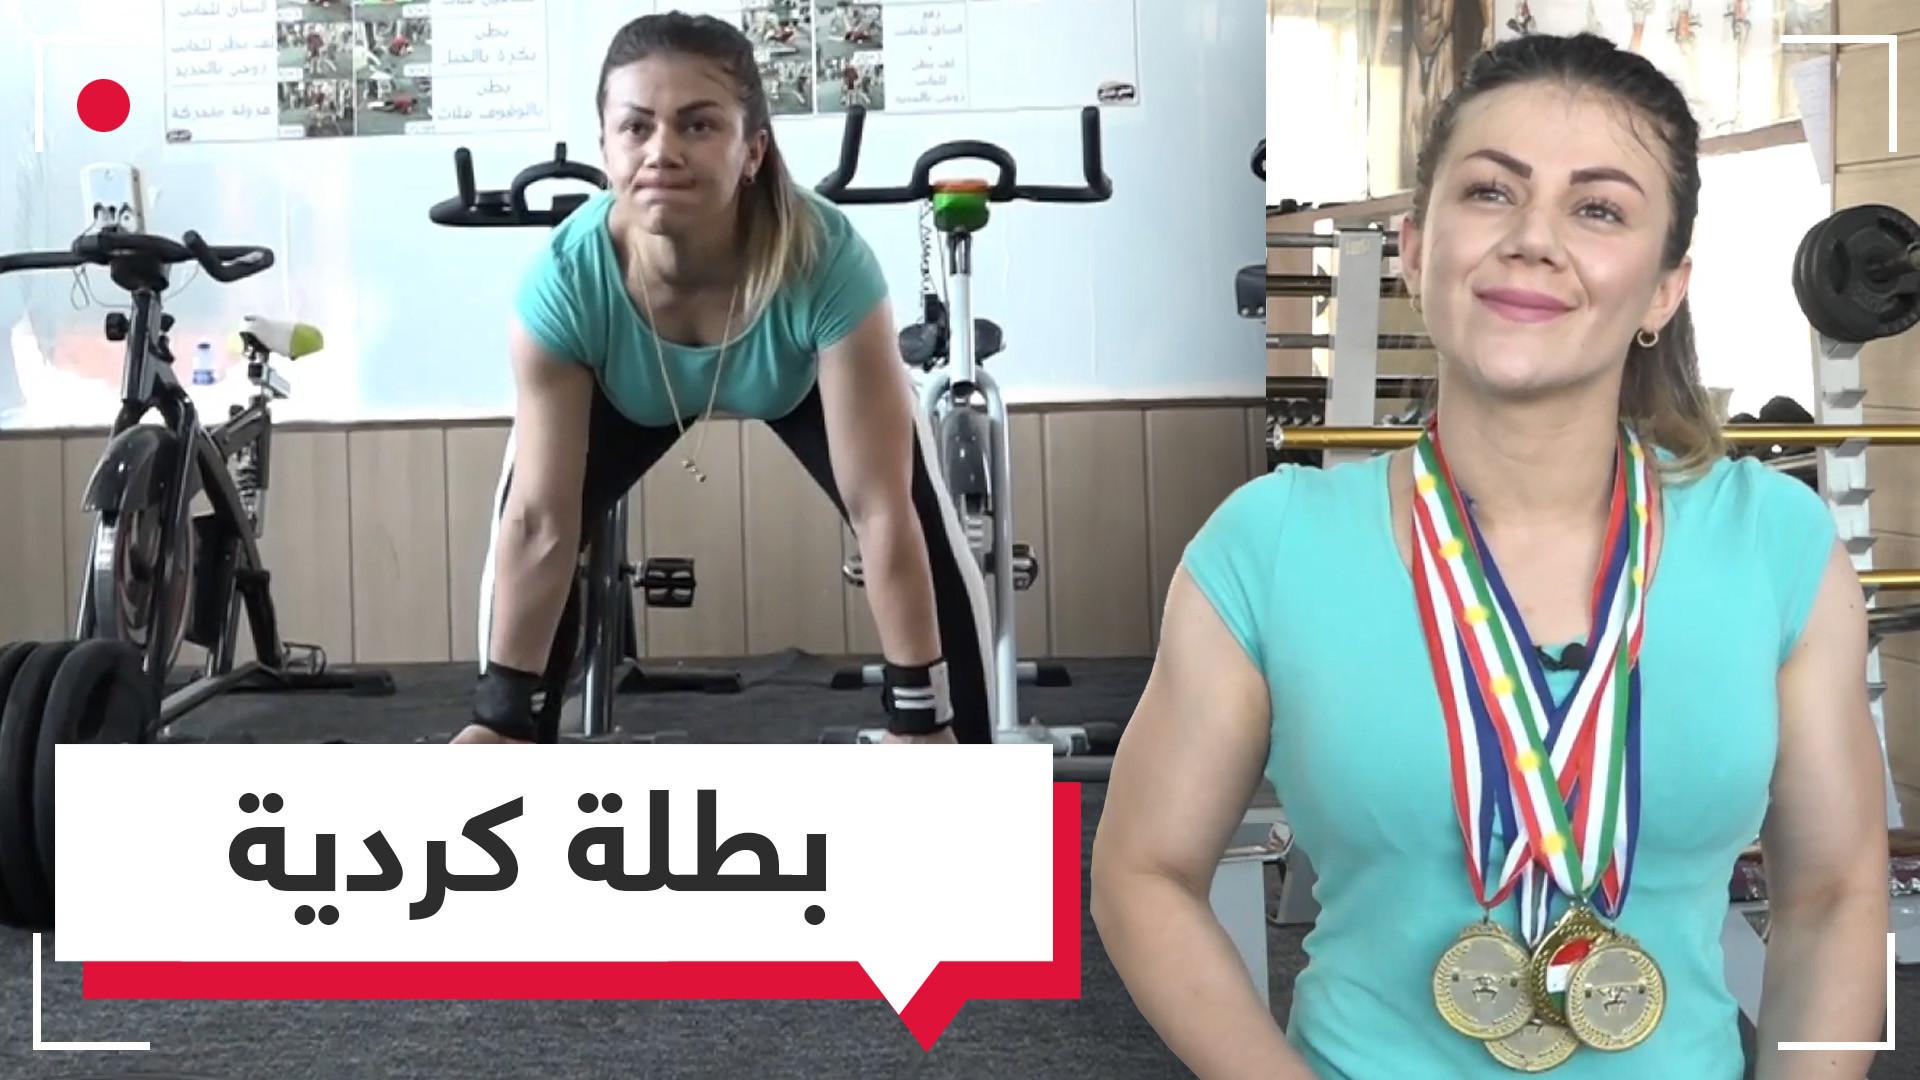 بطلة في رياضة كمال الأجسام من كردستان العراق تحلم بالعالمية